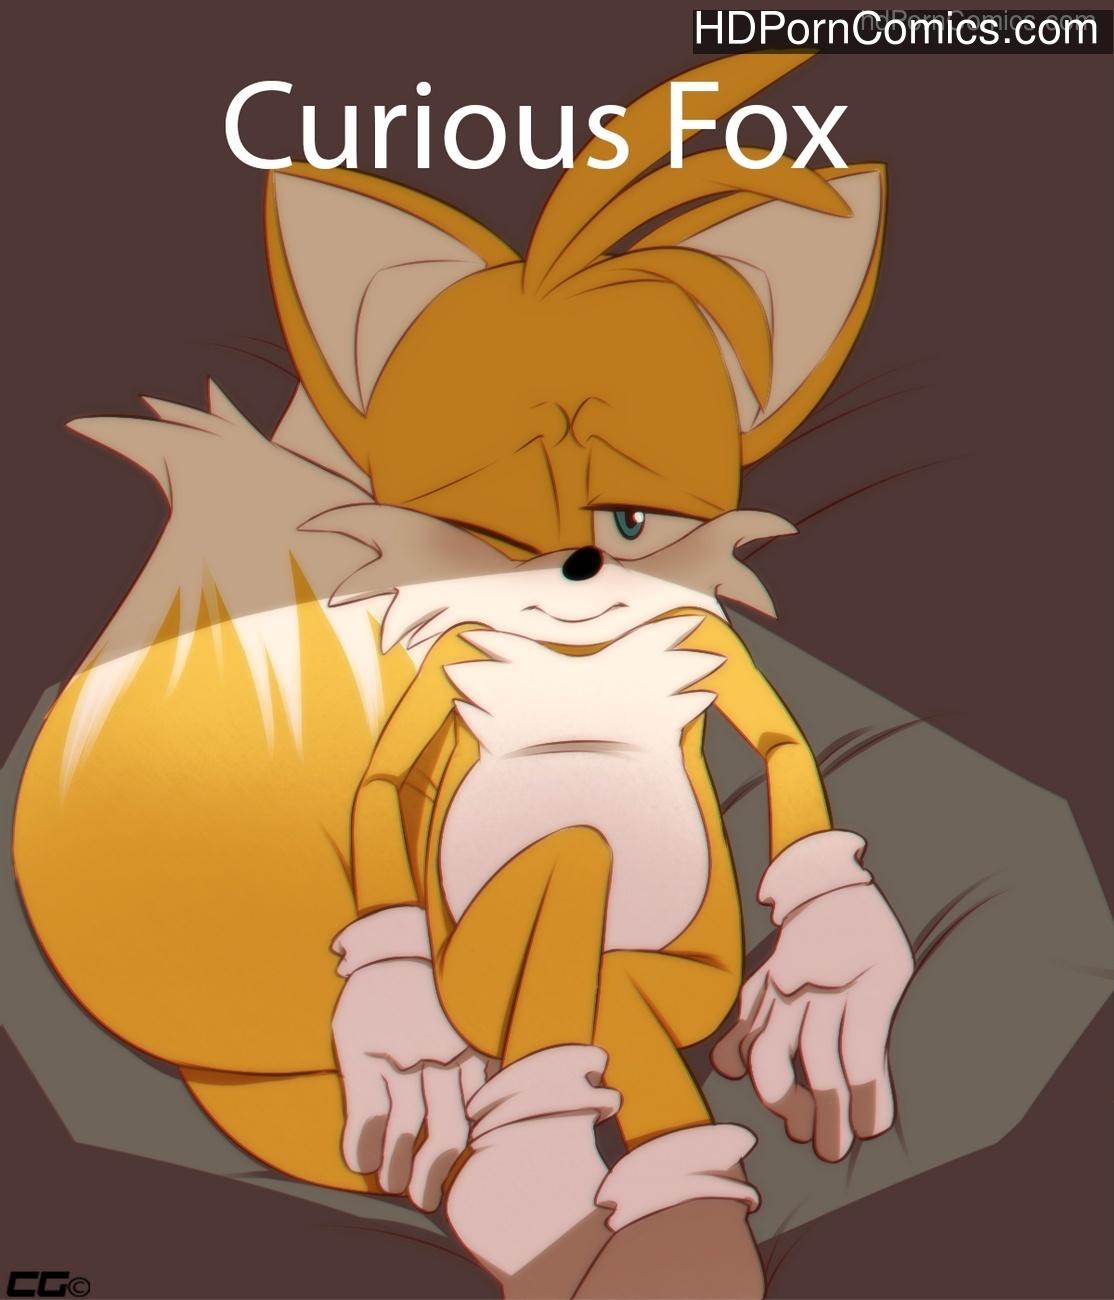 curious porn